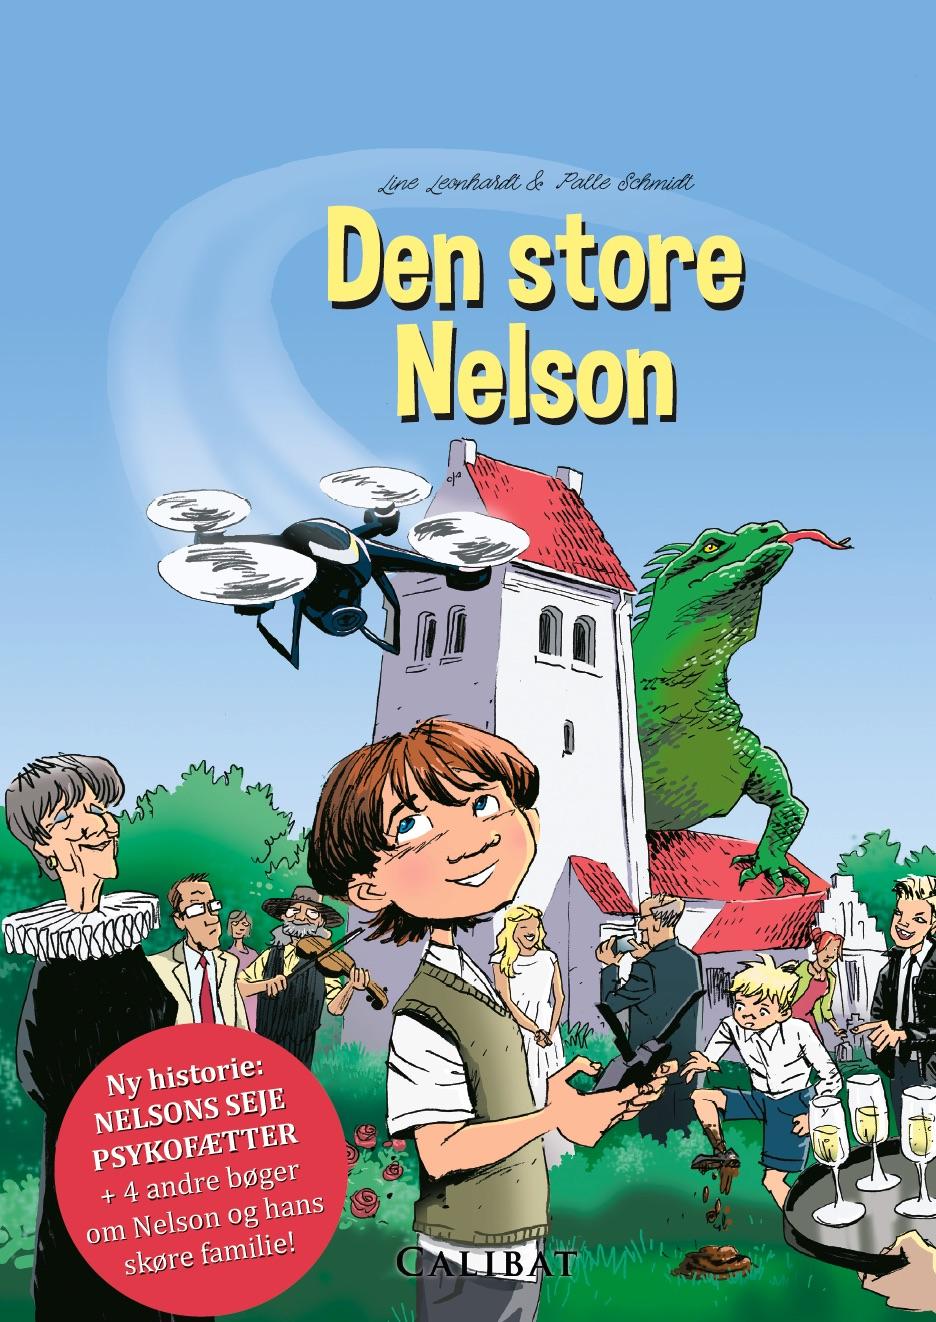 Den Store Nelson